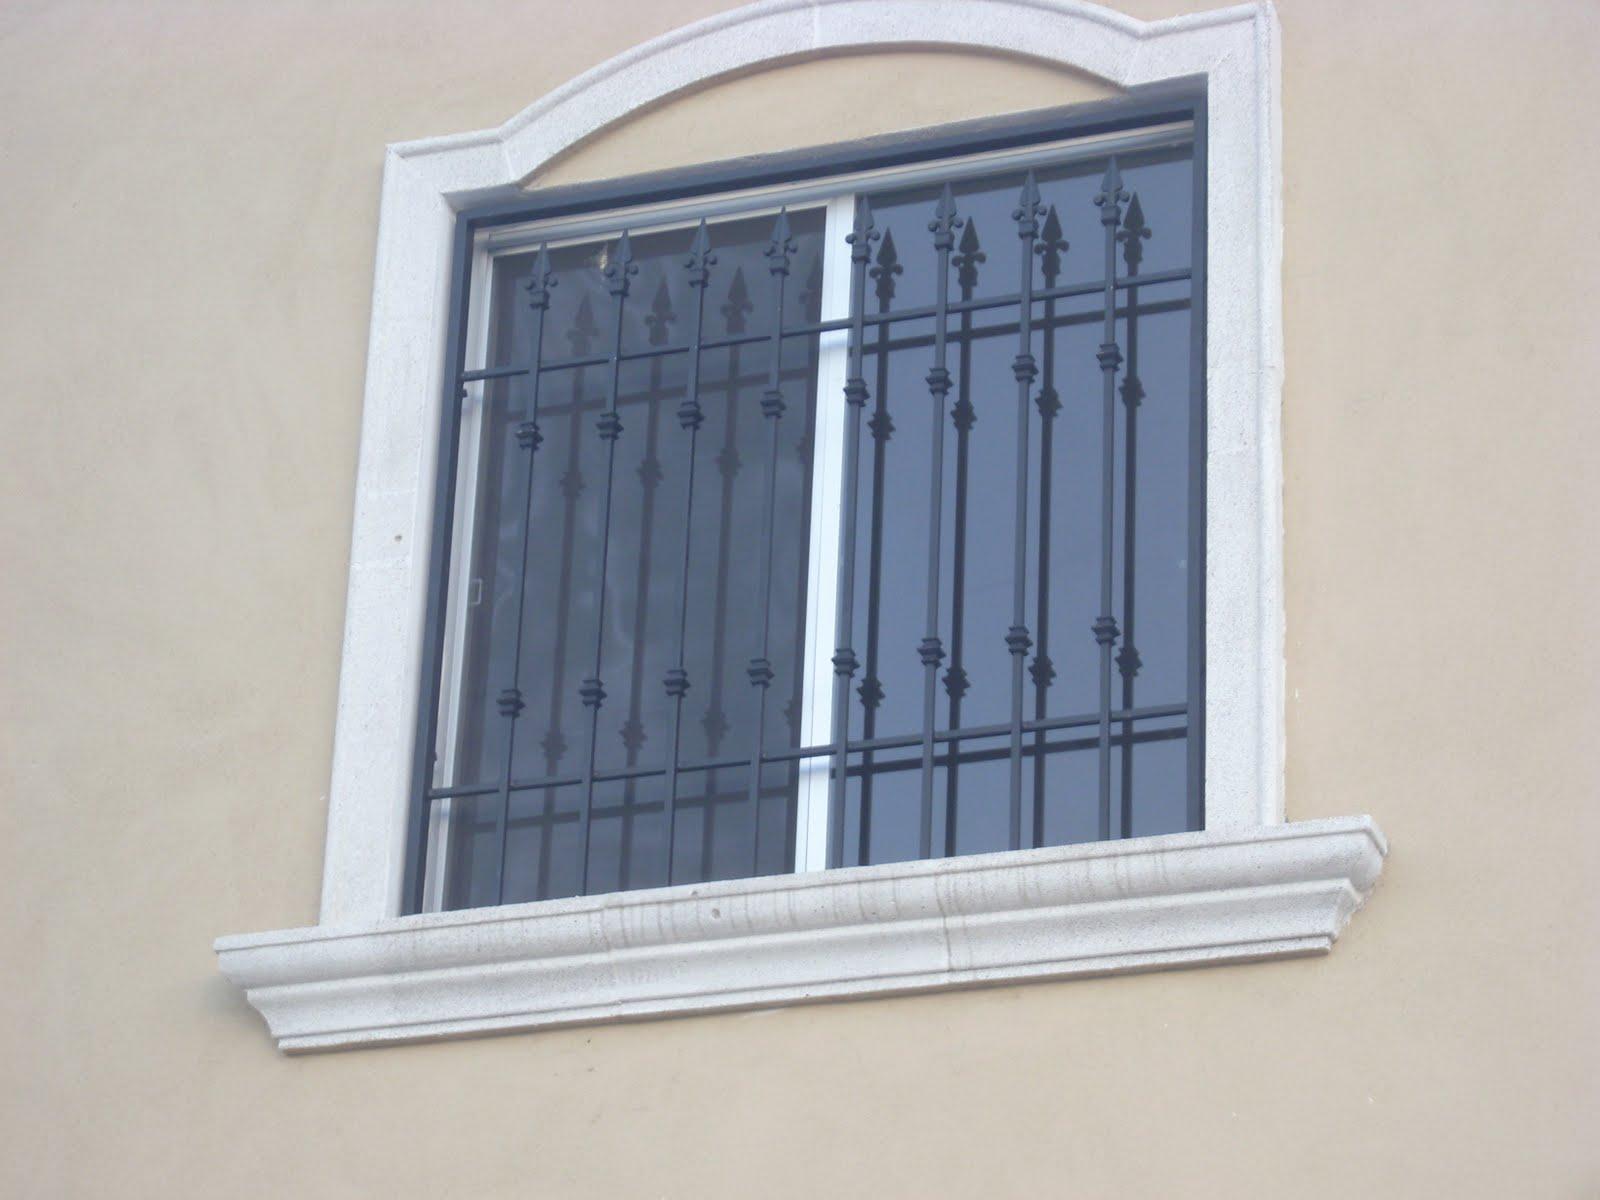 Regio Protectores: Protectores para ventana RP-027